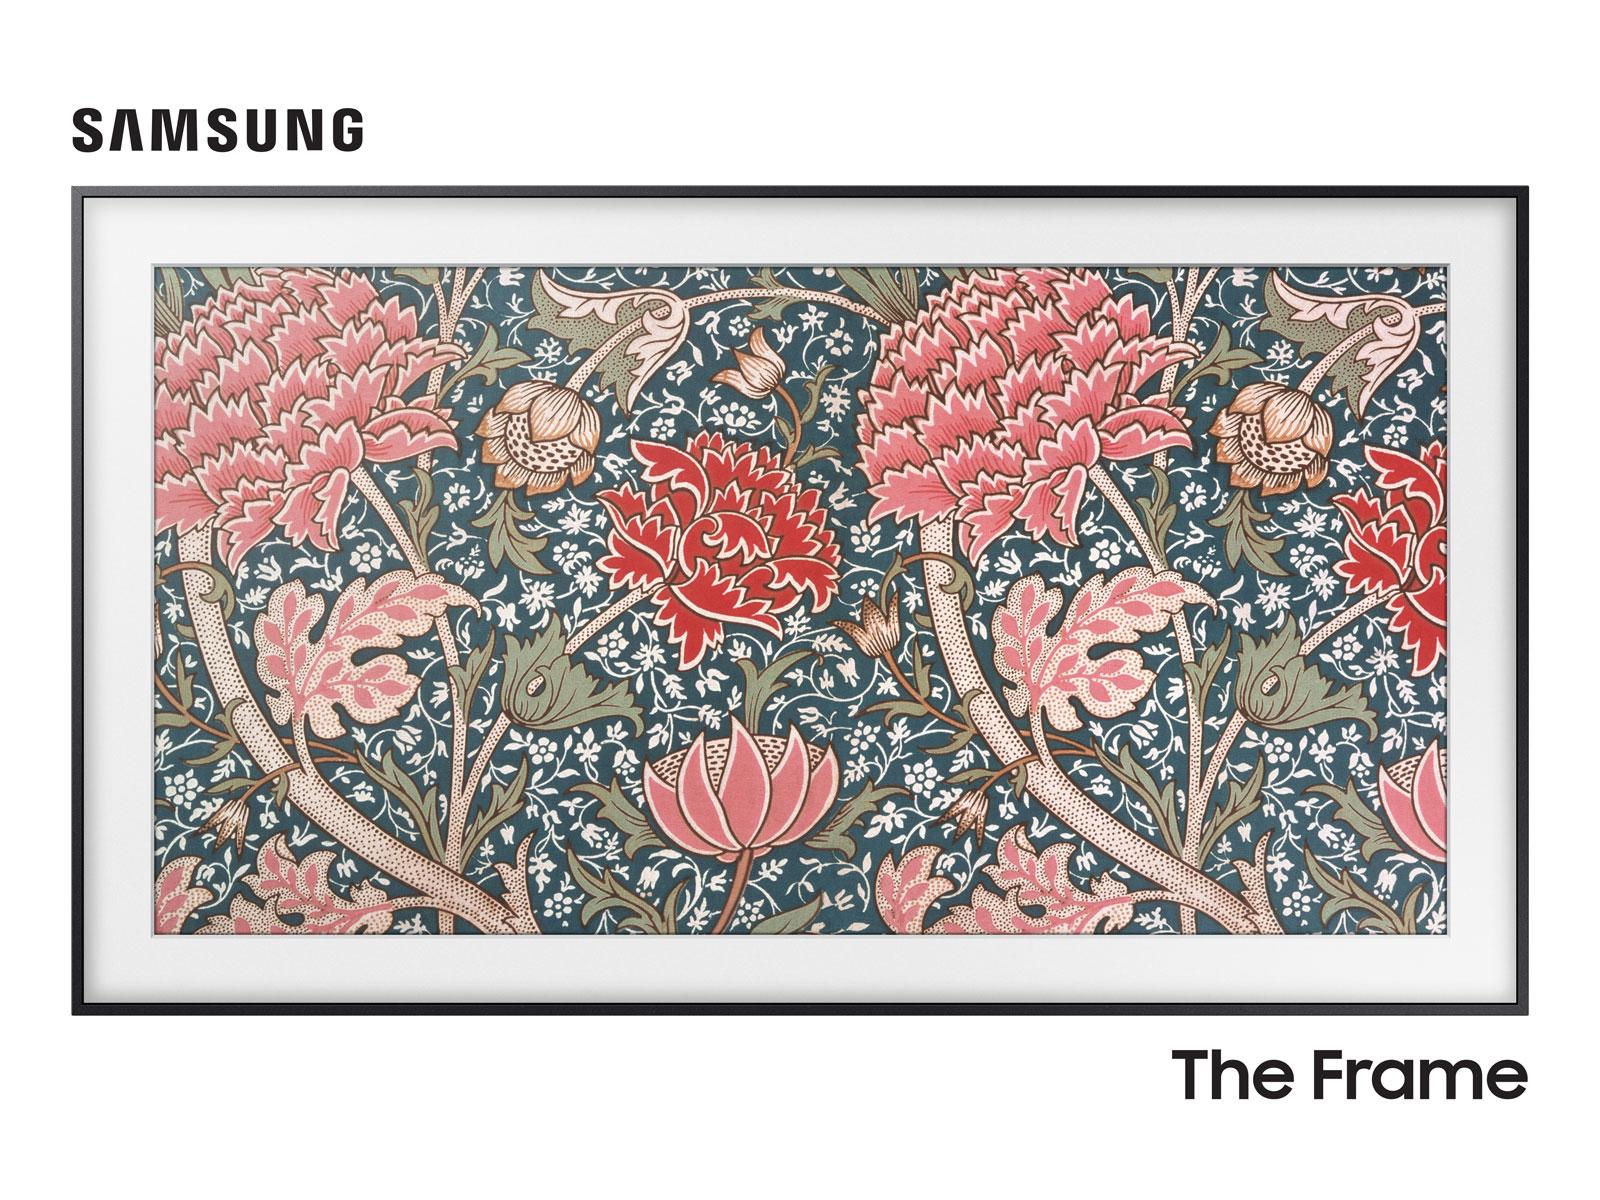 """TV QLED 43"""" Samsung The Frame QE43LS03 (2019) avec Cadres au choix - UHD 4K, HDR, Smart TV (Via ODR 200€)"""